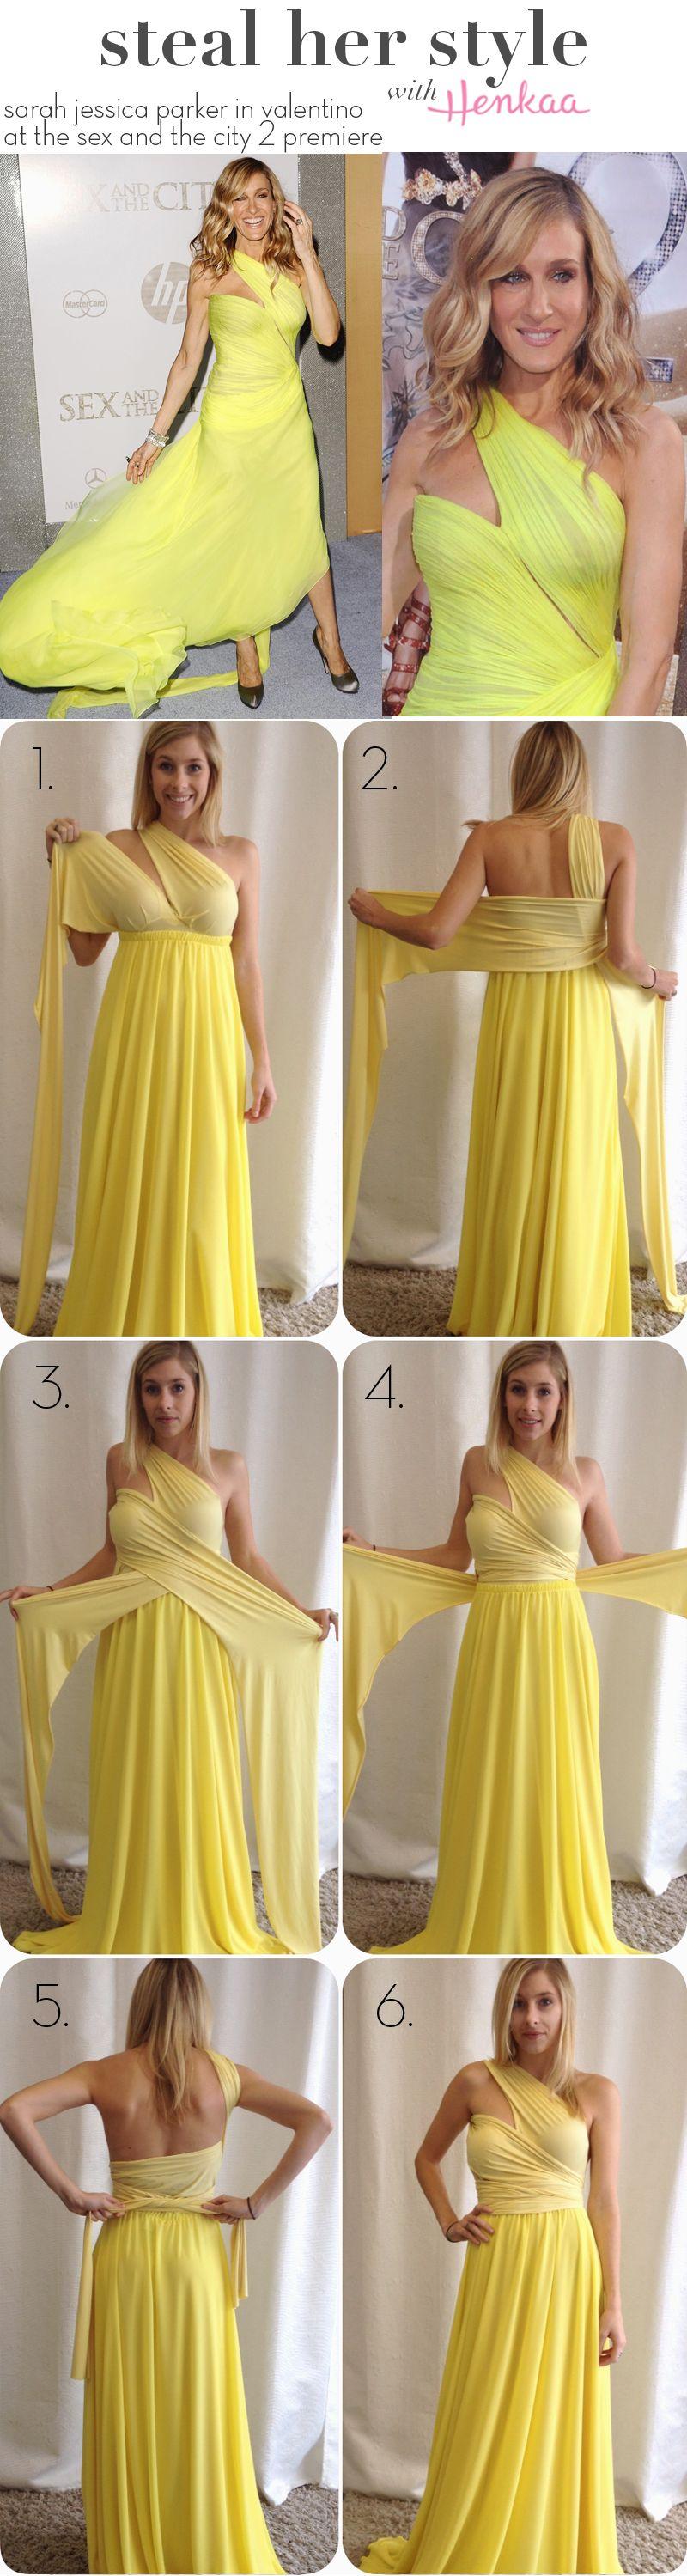 steal her style: sarah jessica parker | Kleider, Wickelkleid und Nähen